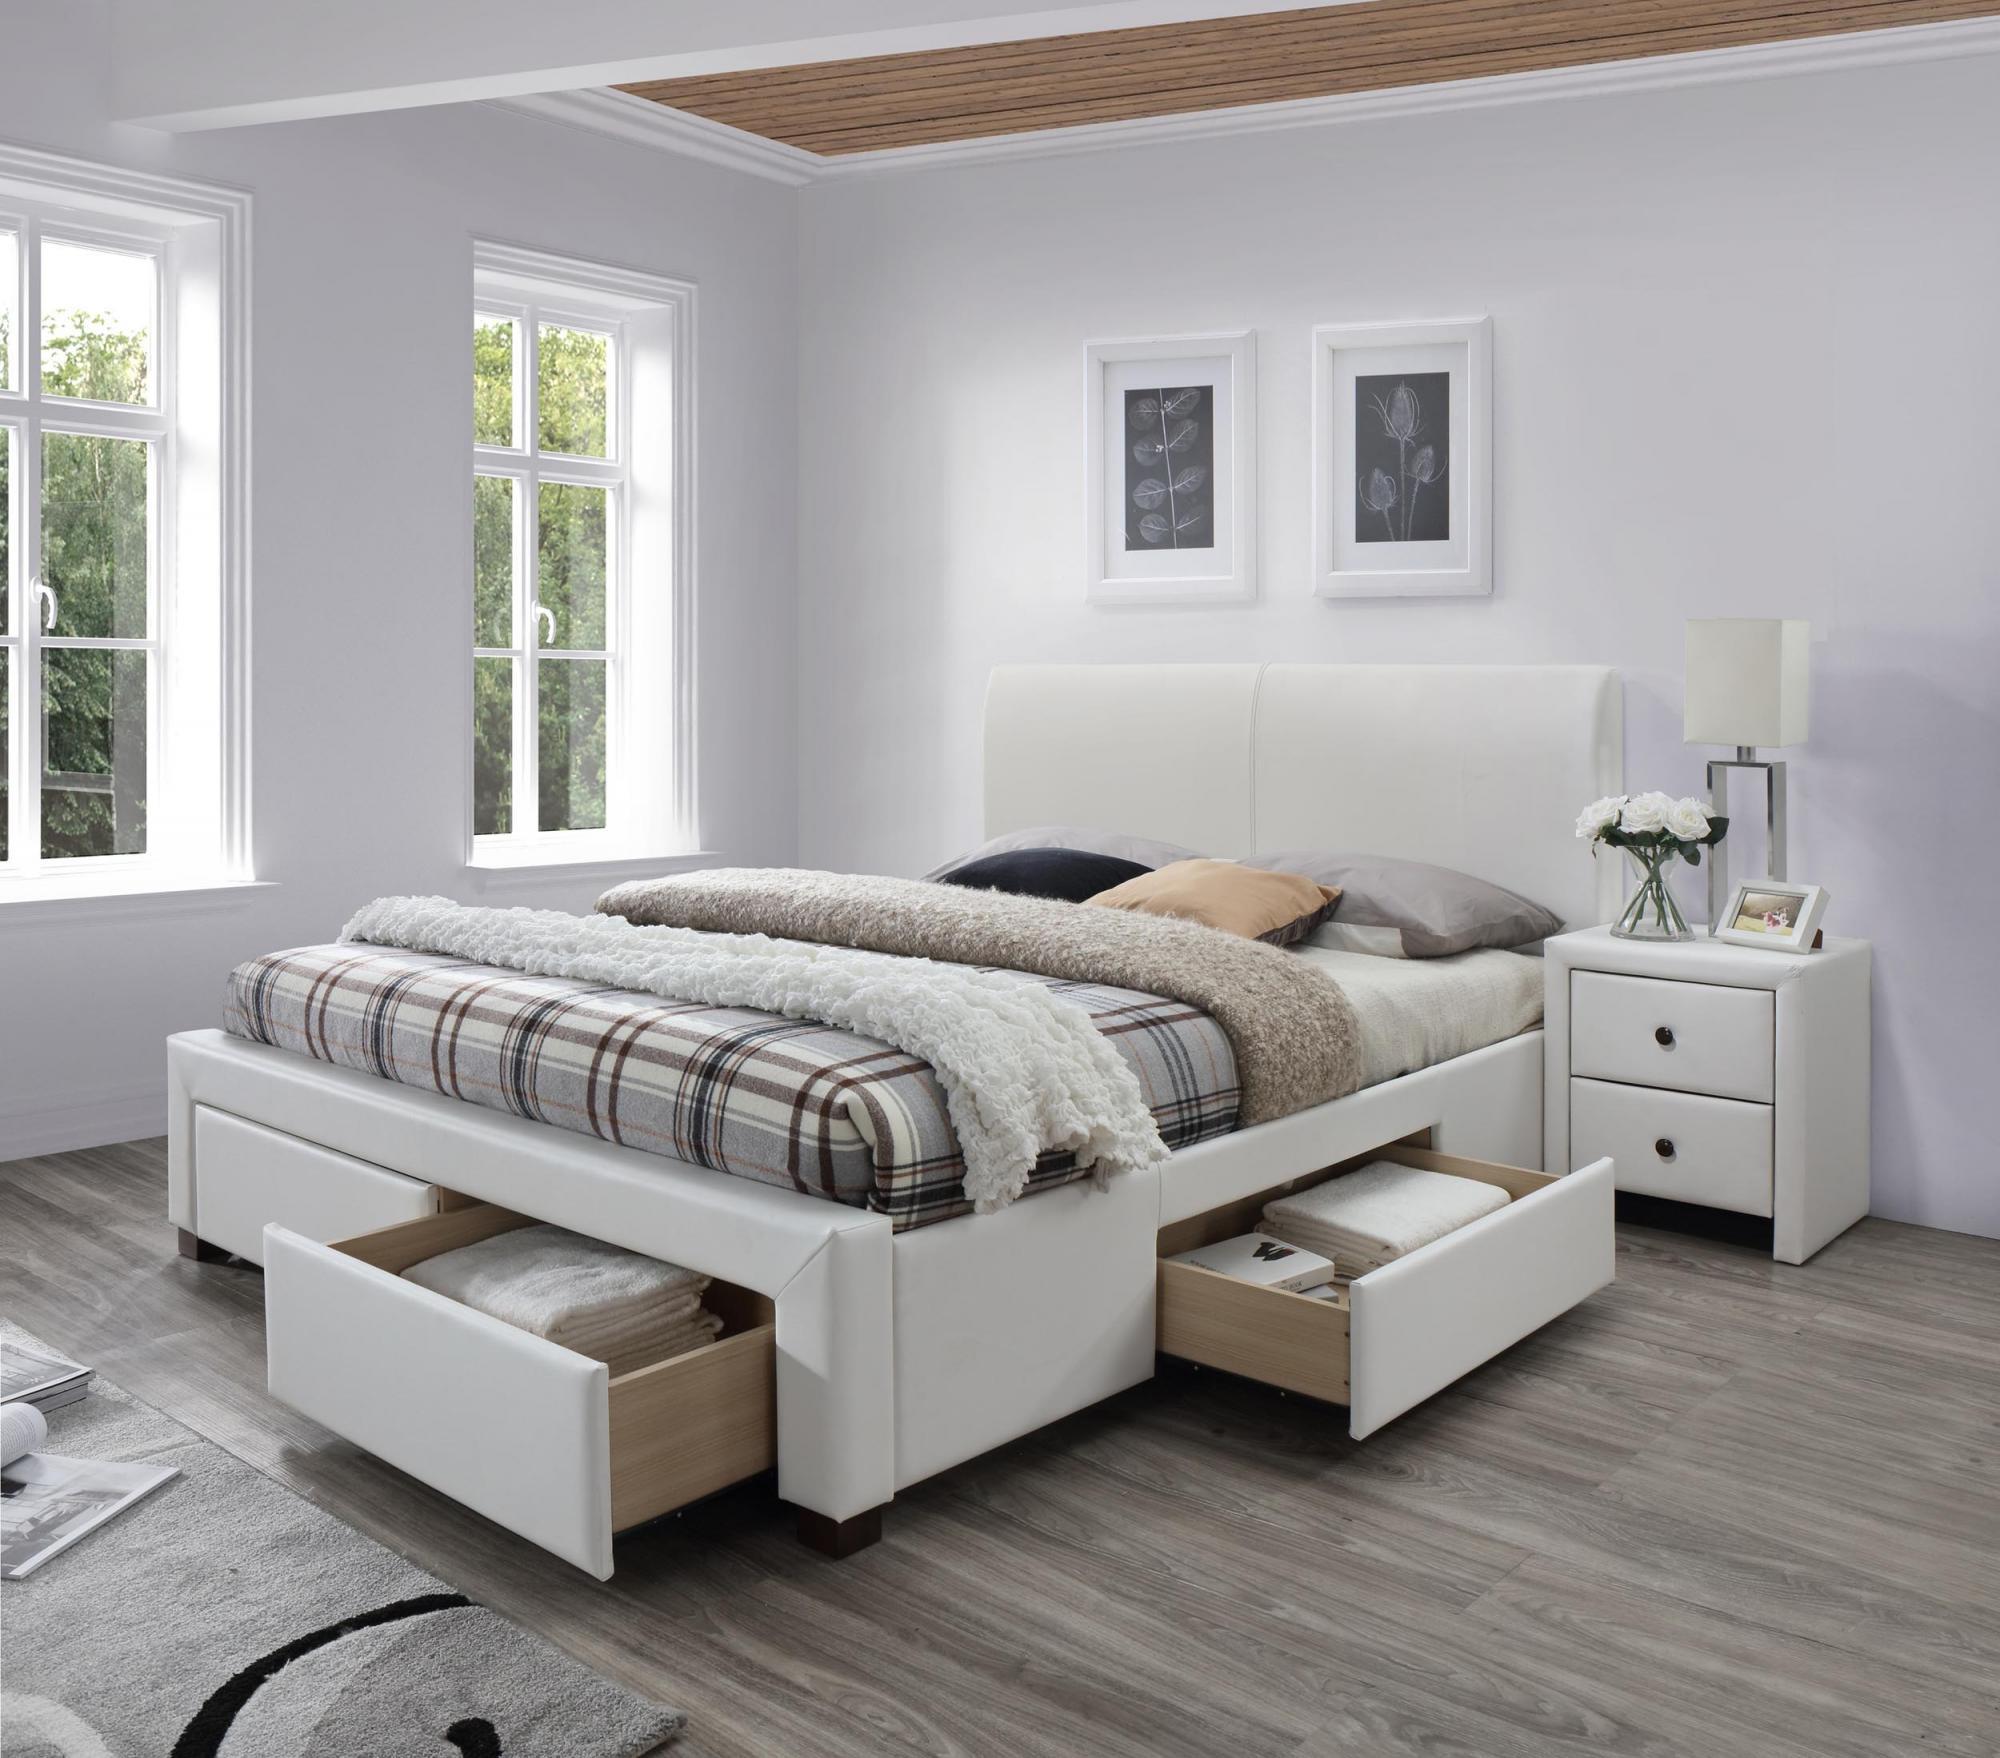 складская кровать<br />